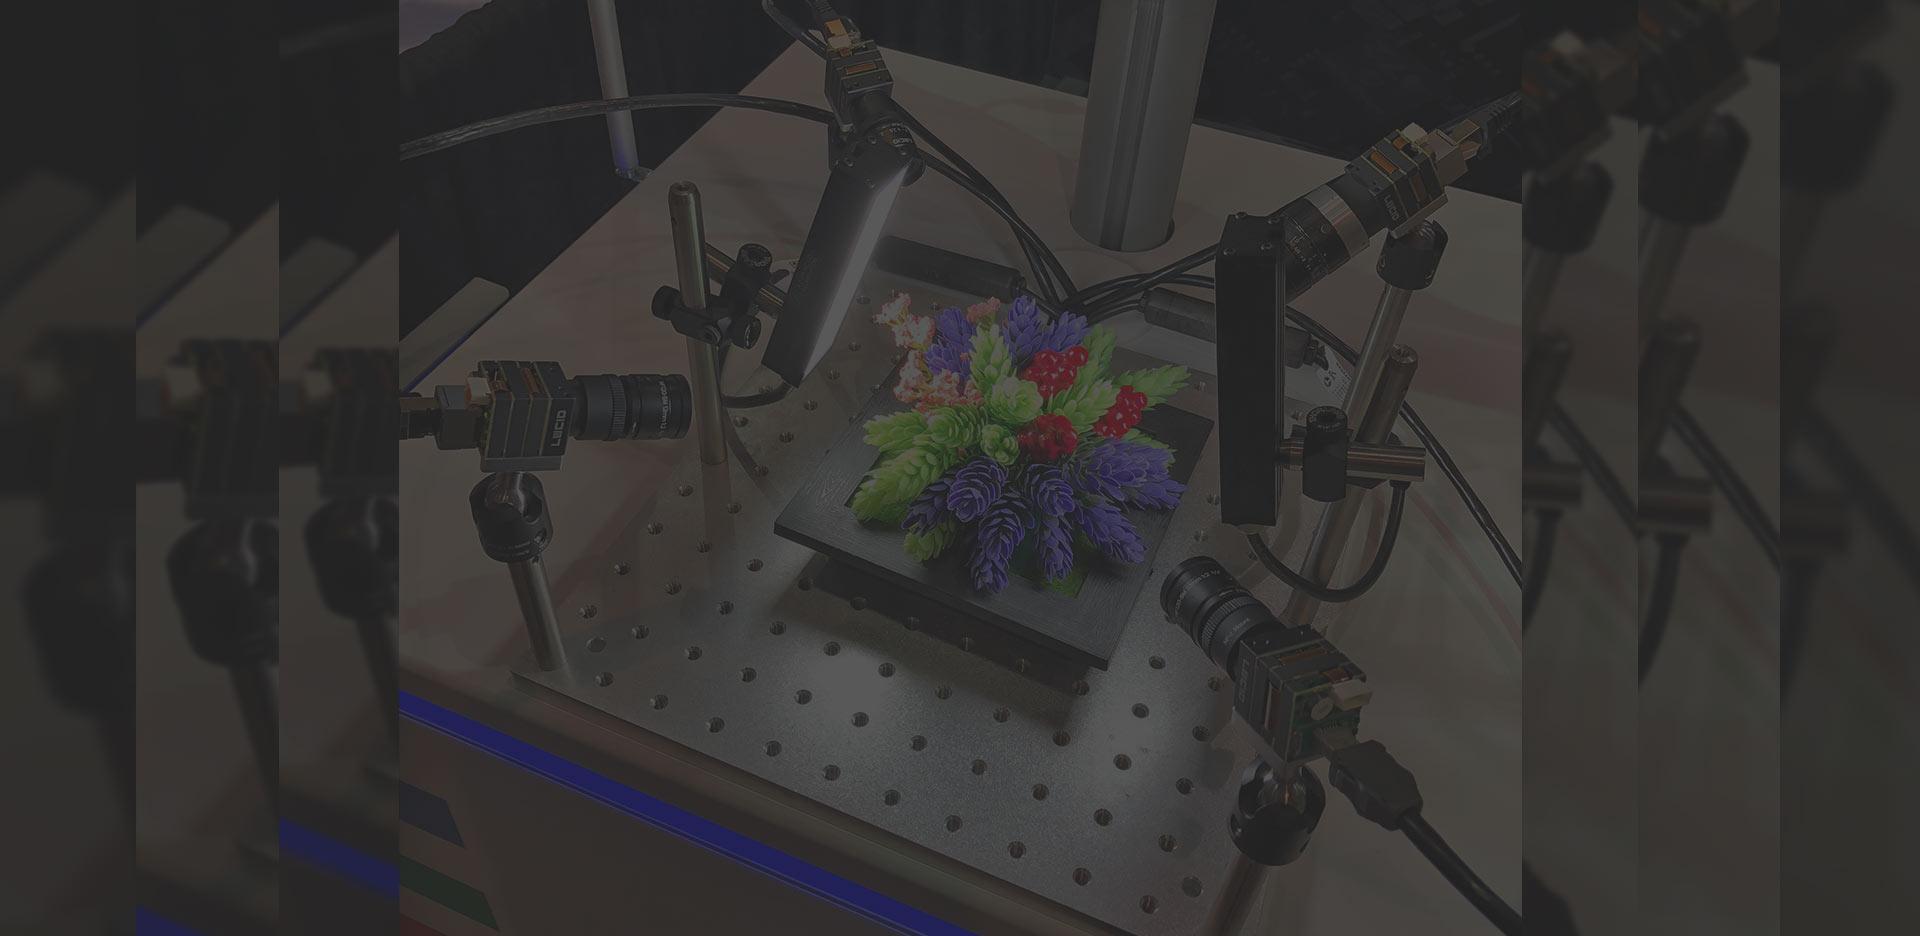 工业相机微型化